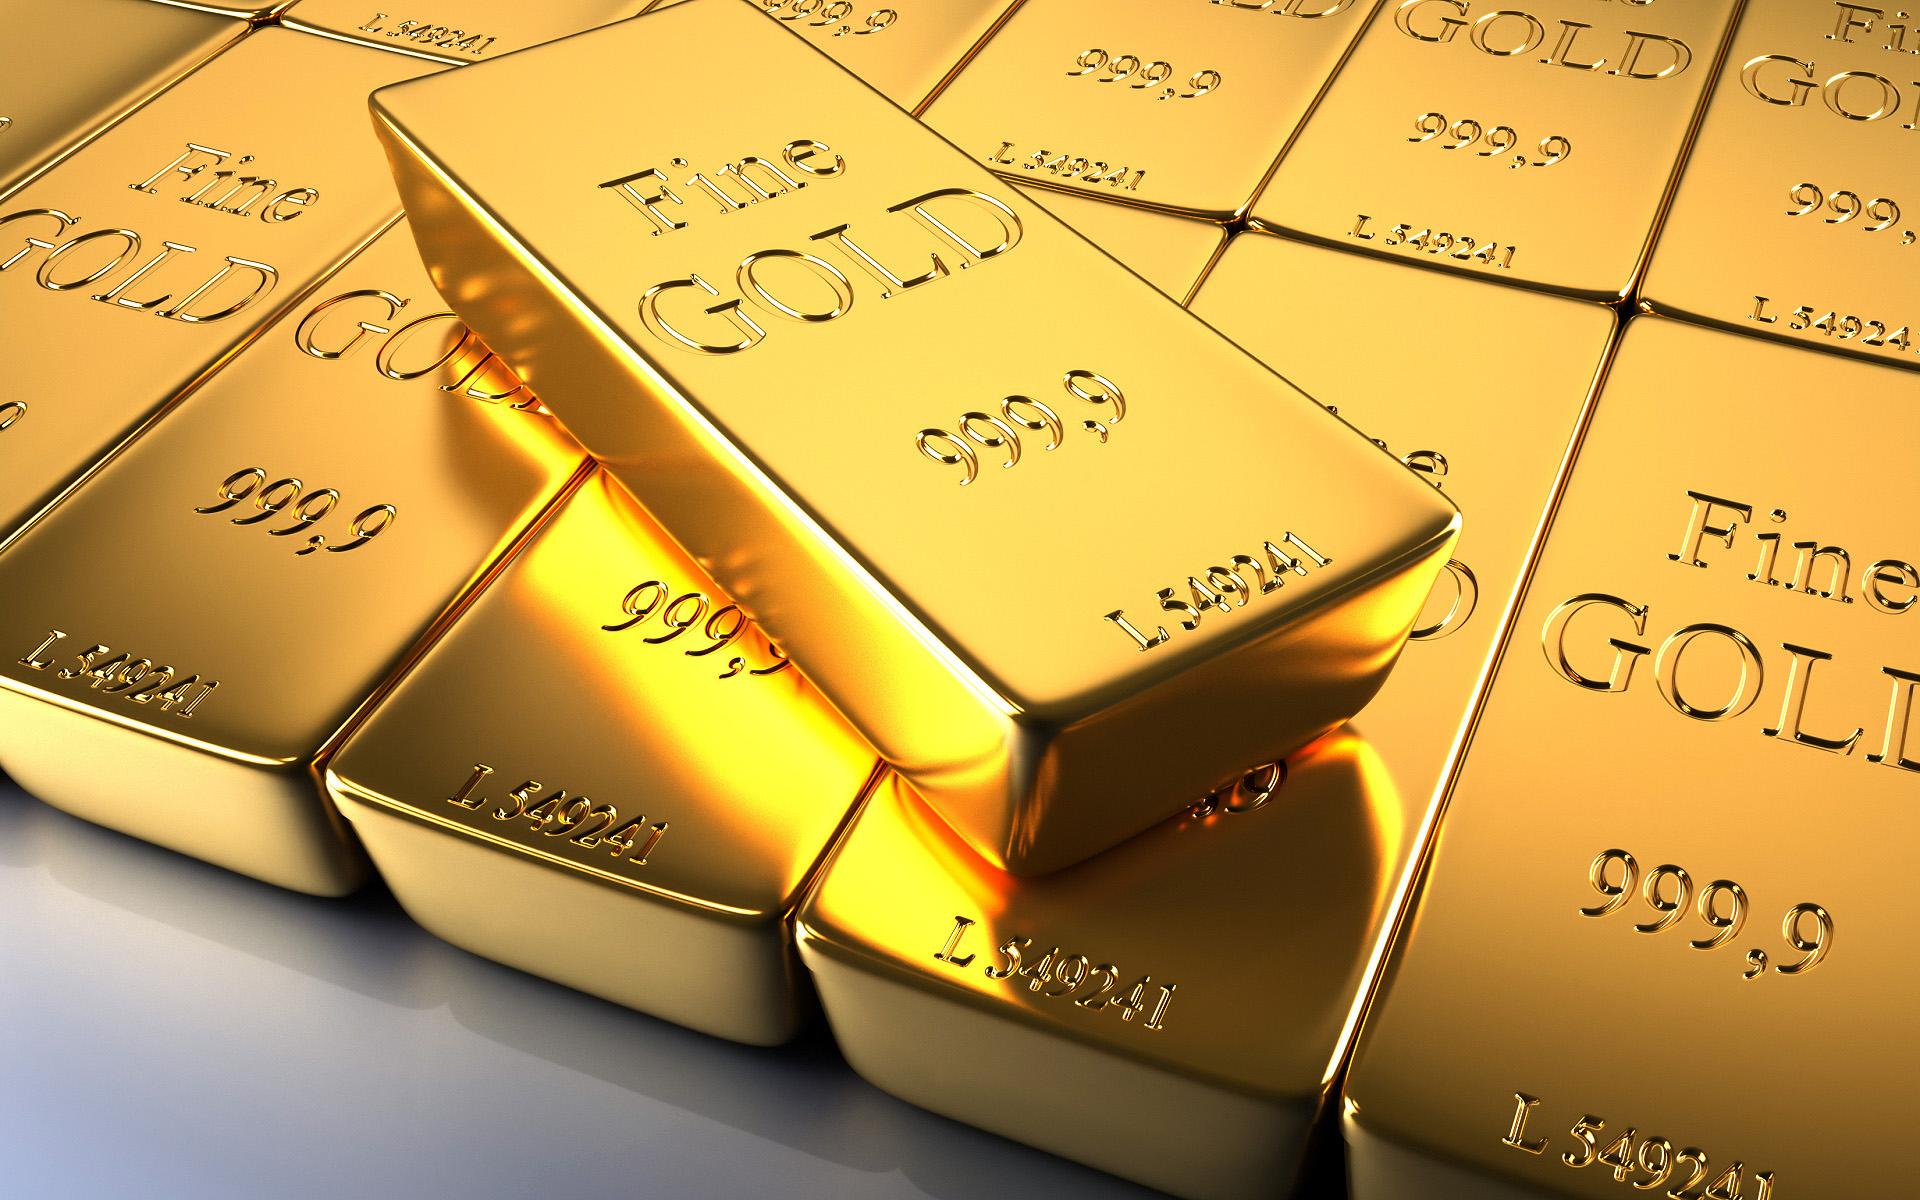 HDoboi.Kiev.ua - Слитки золота Fine GOLD 999, золотые обои для iphone 6